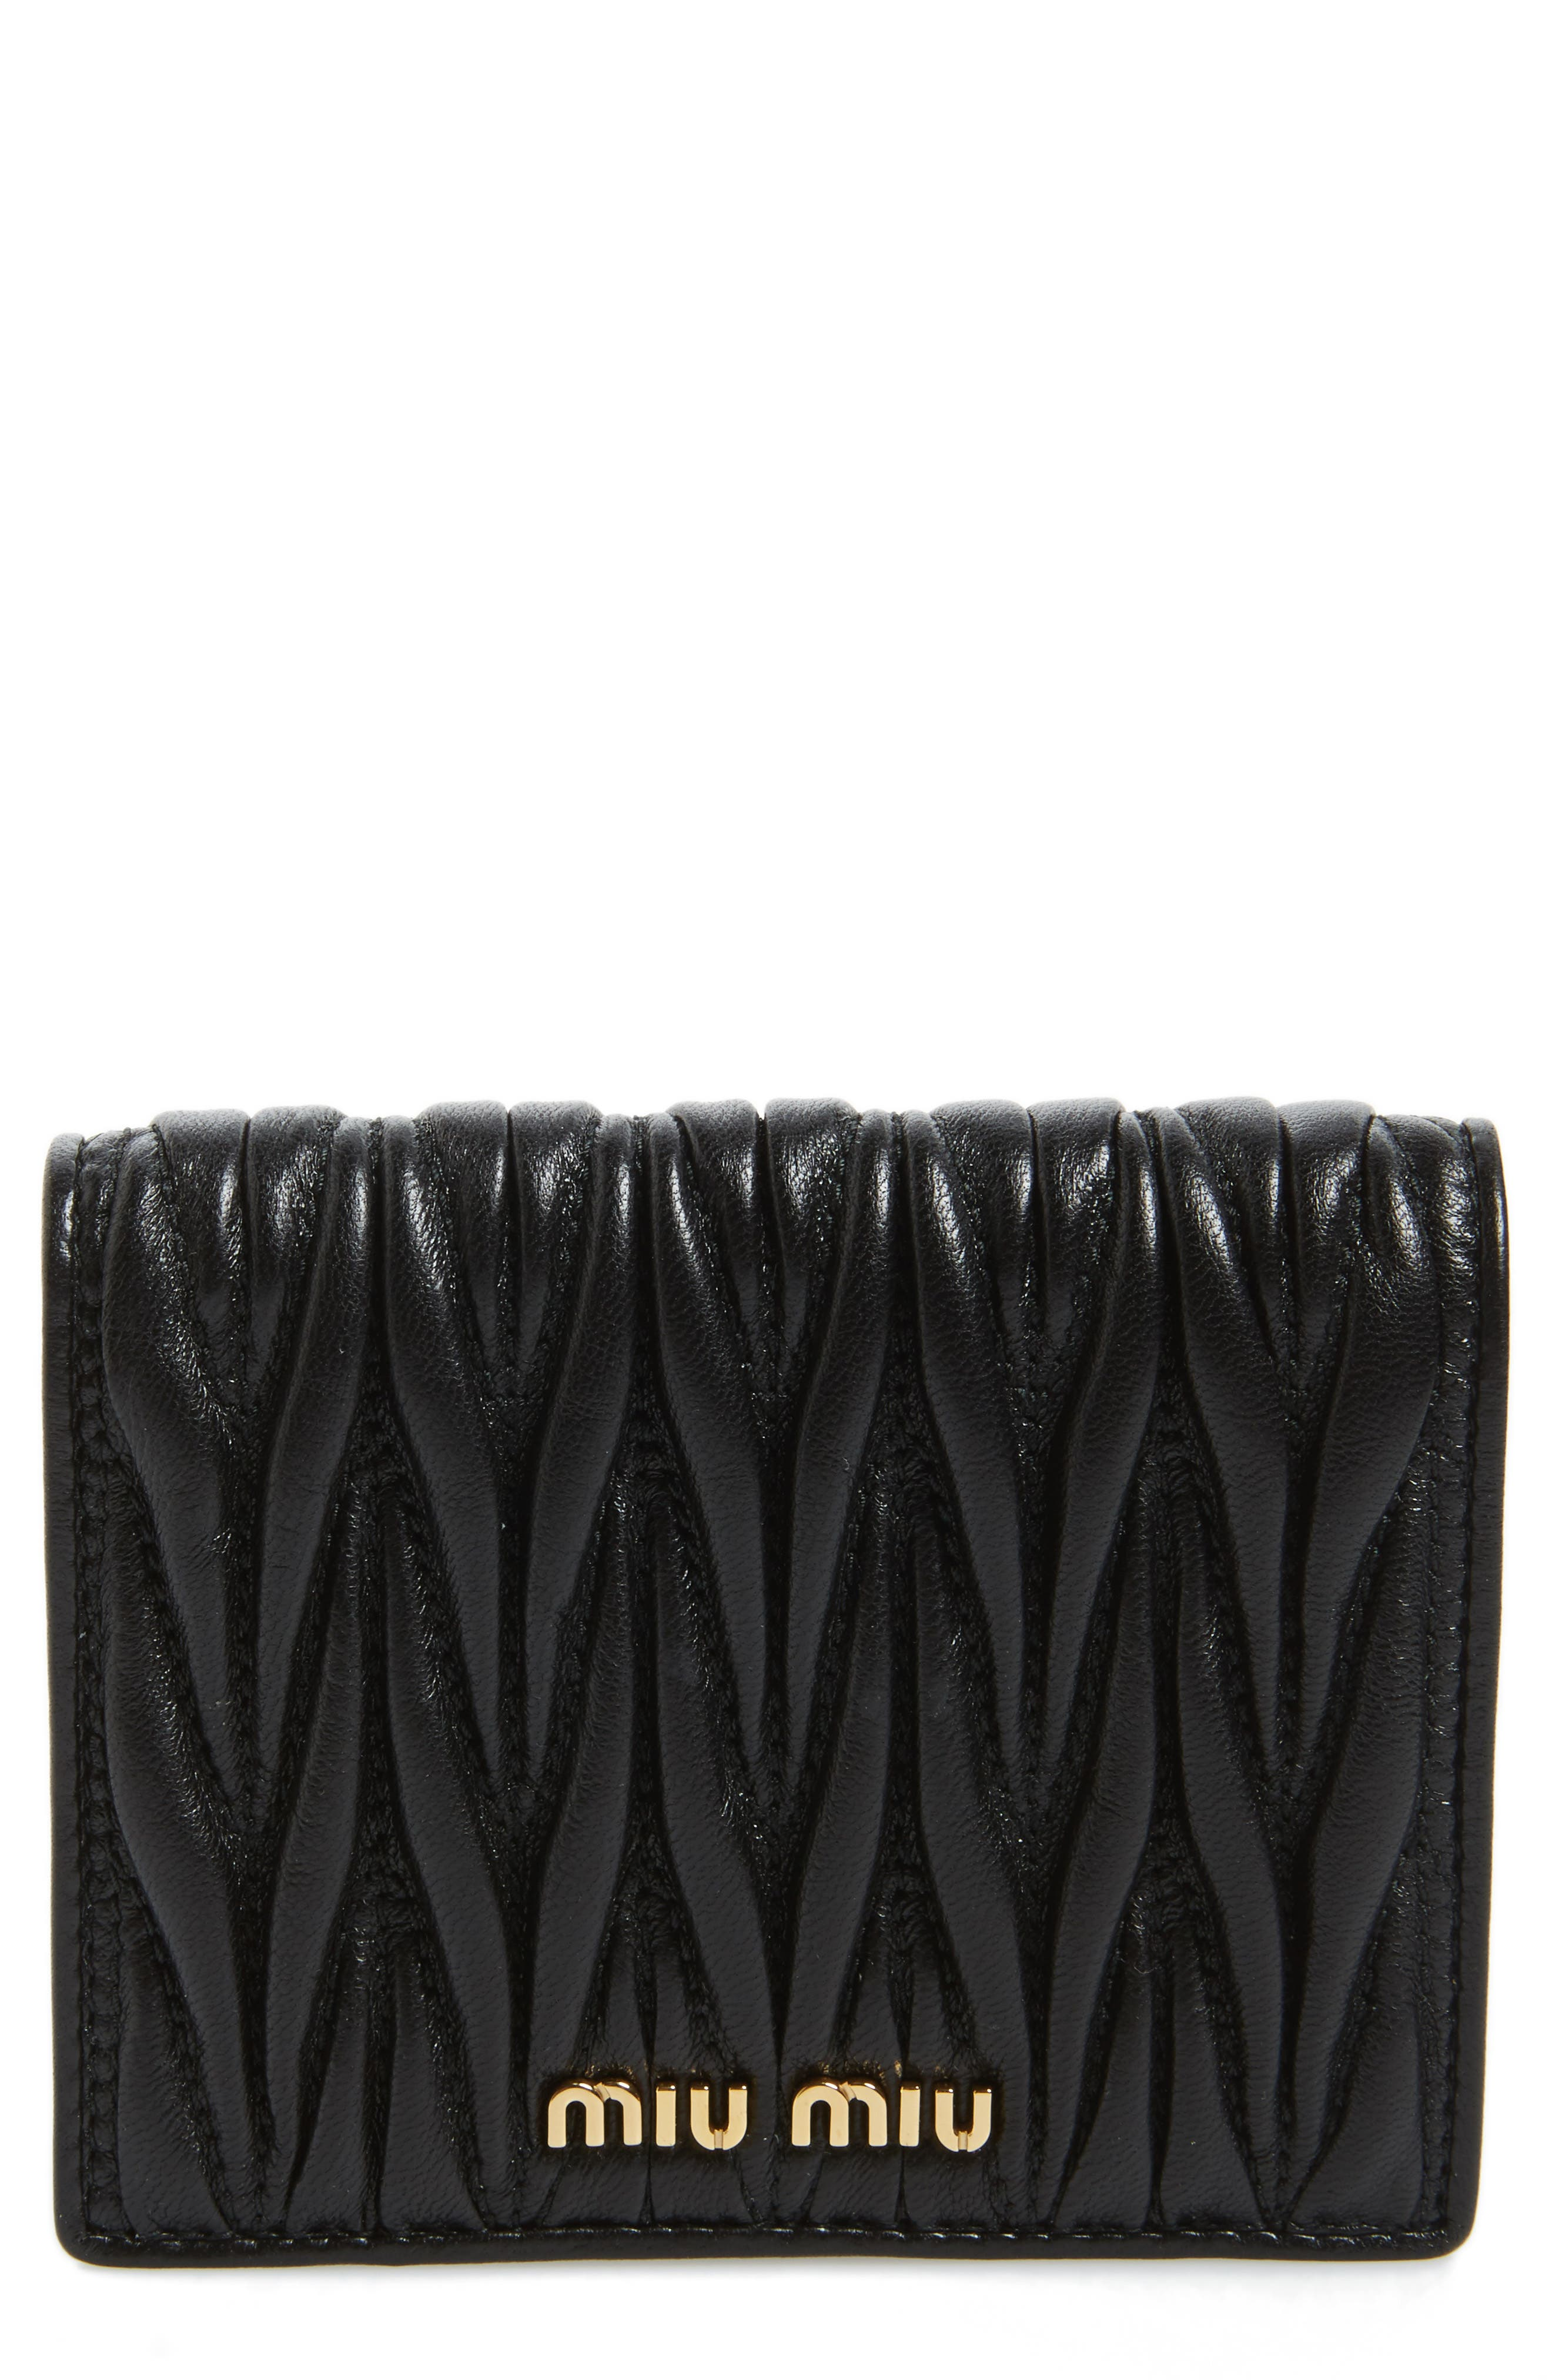 Miu Miu Handbags for Women  ef66431aa2de8